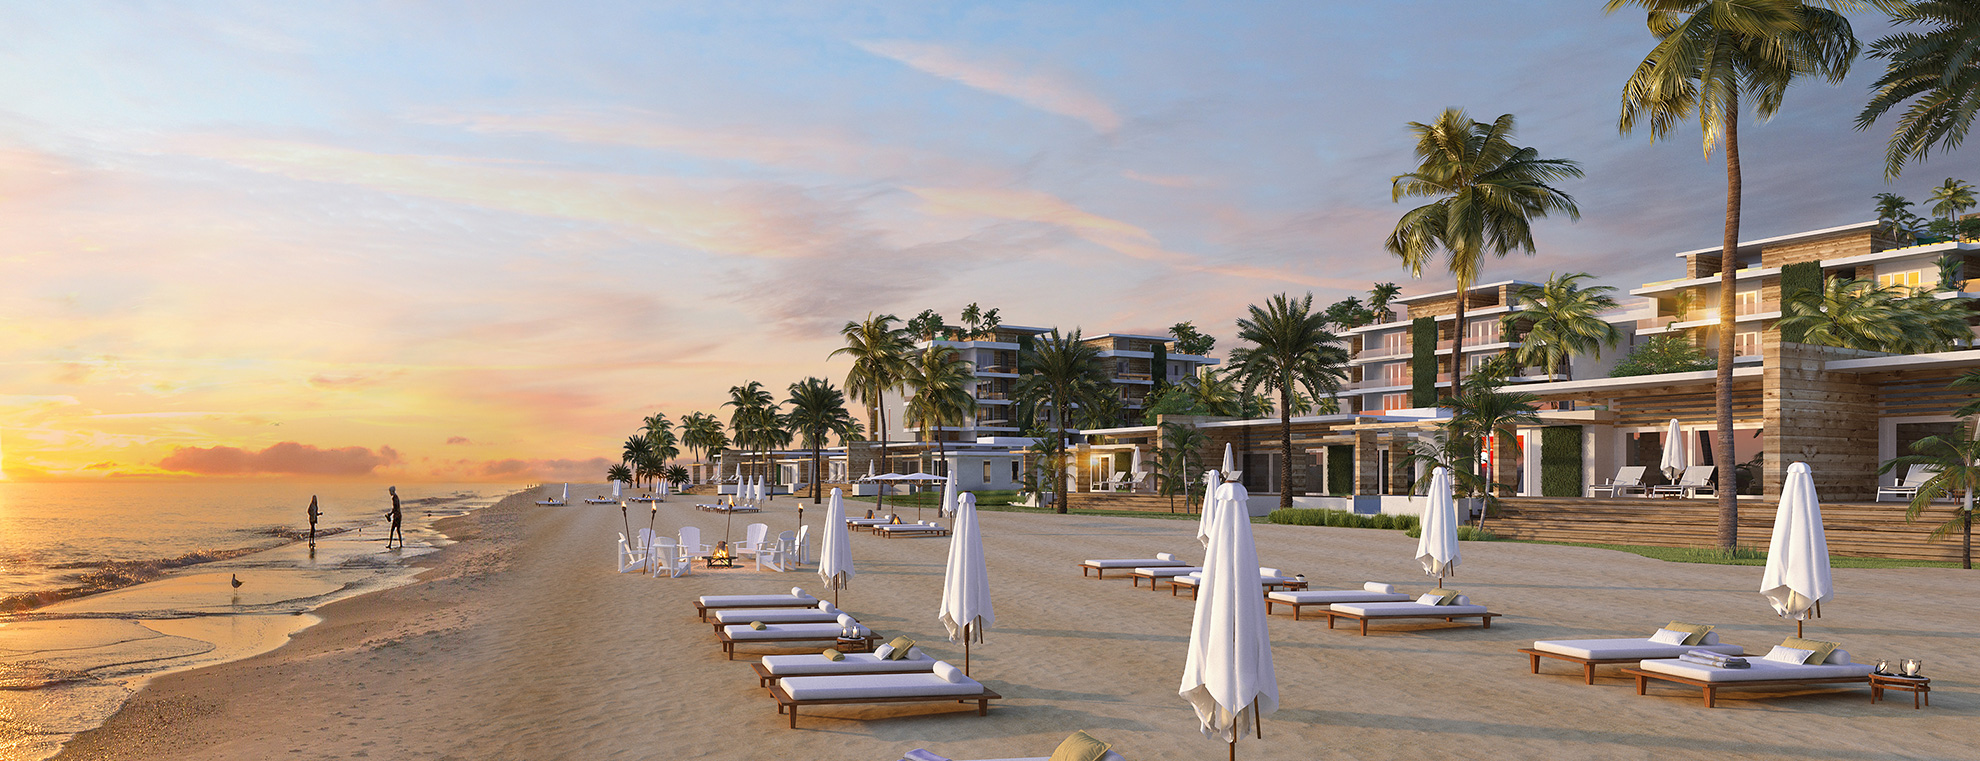 Beachfront Alaia